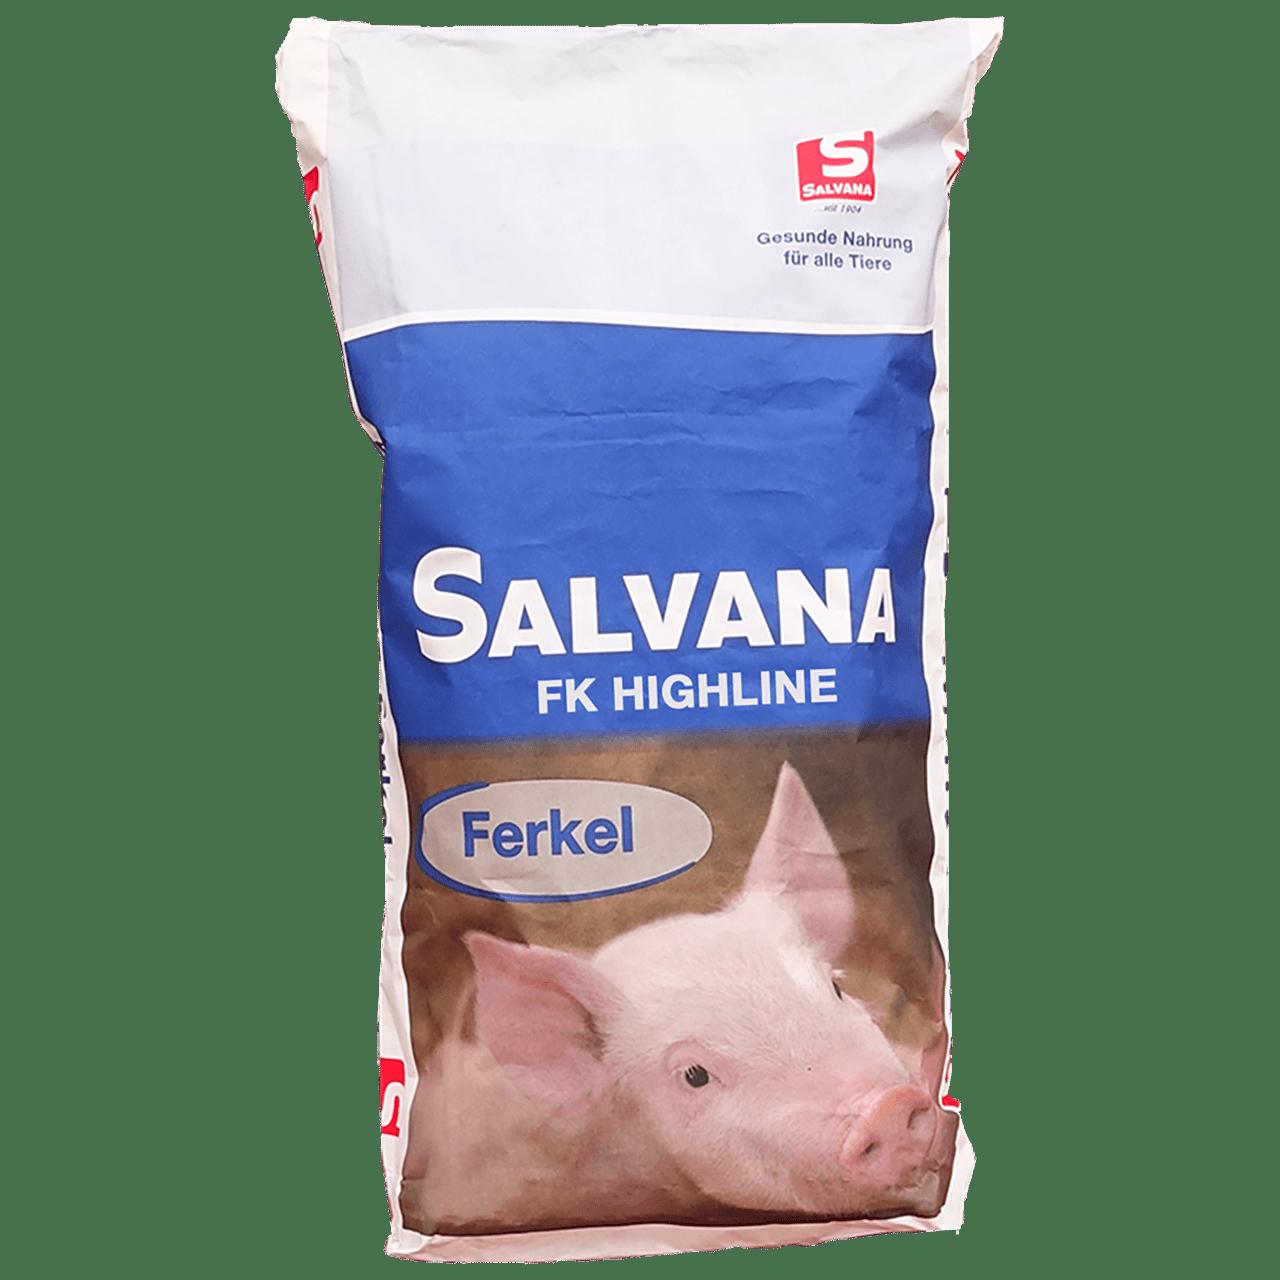 SALVANA FK HIGHLINE